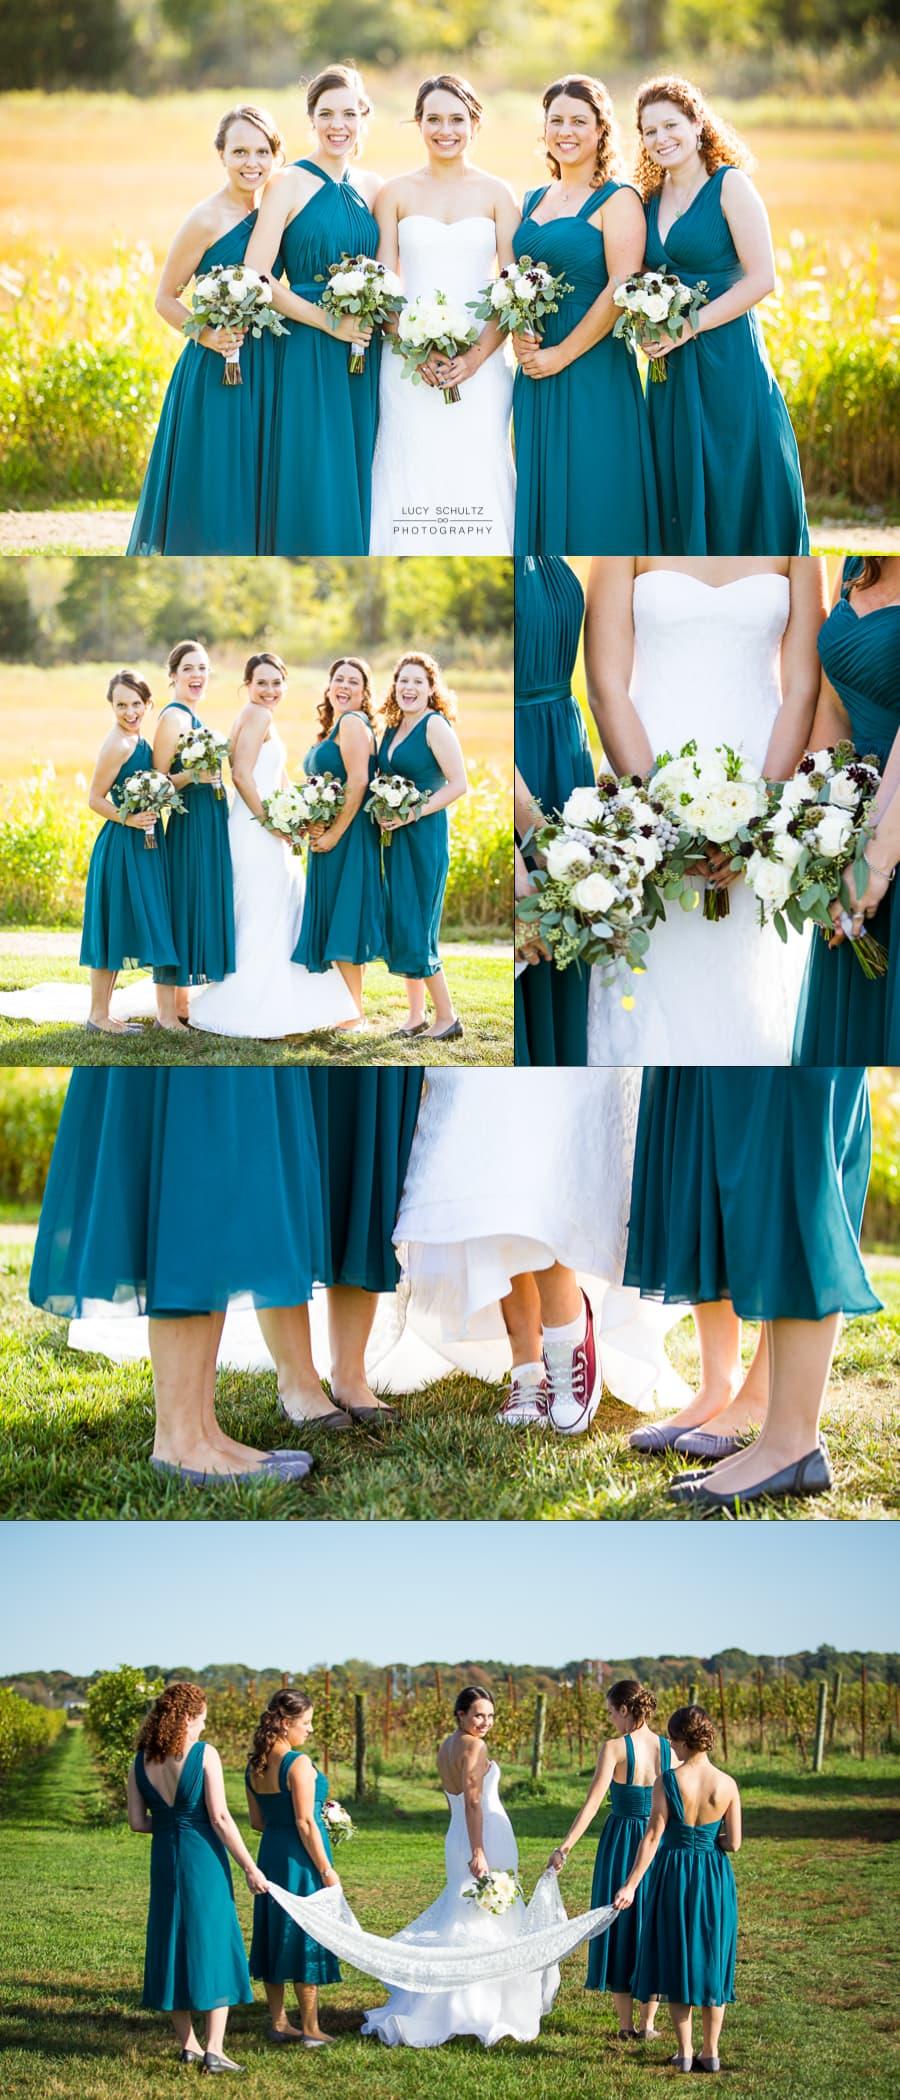 BrideAndBridesmaidsPhotoIdeas6